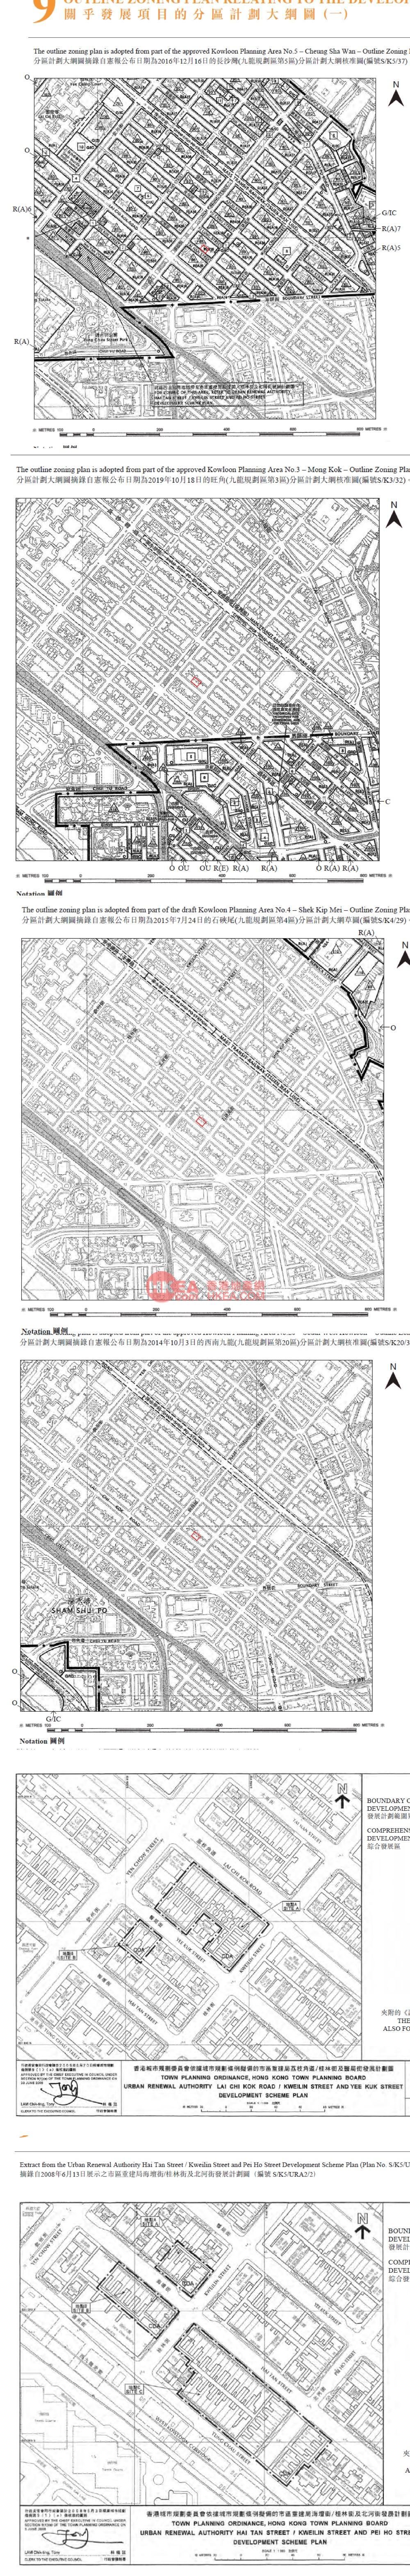 深水埗 AVA 228規劃圖